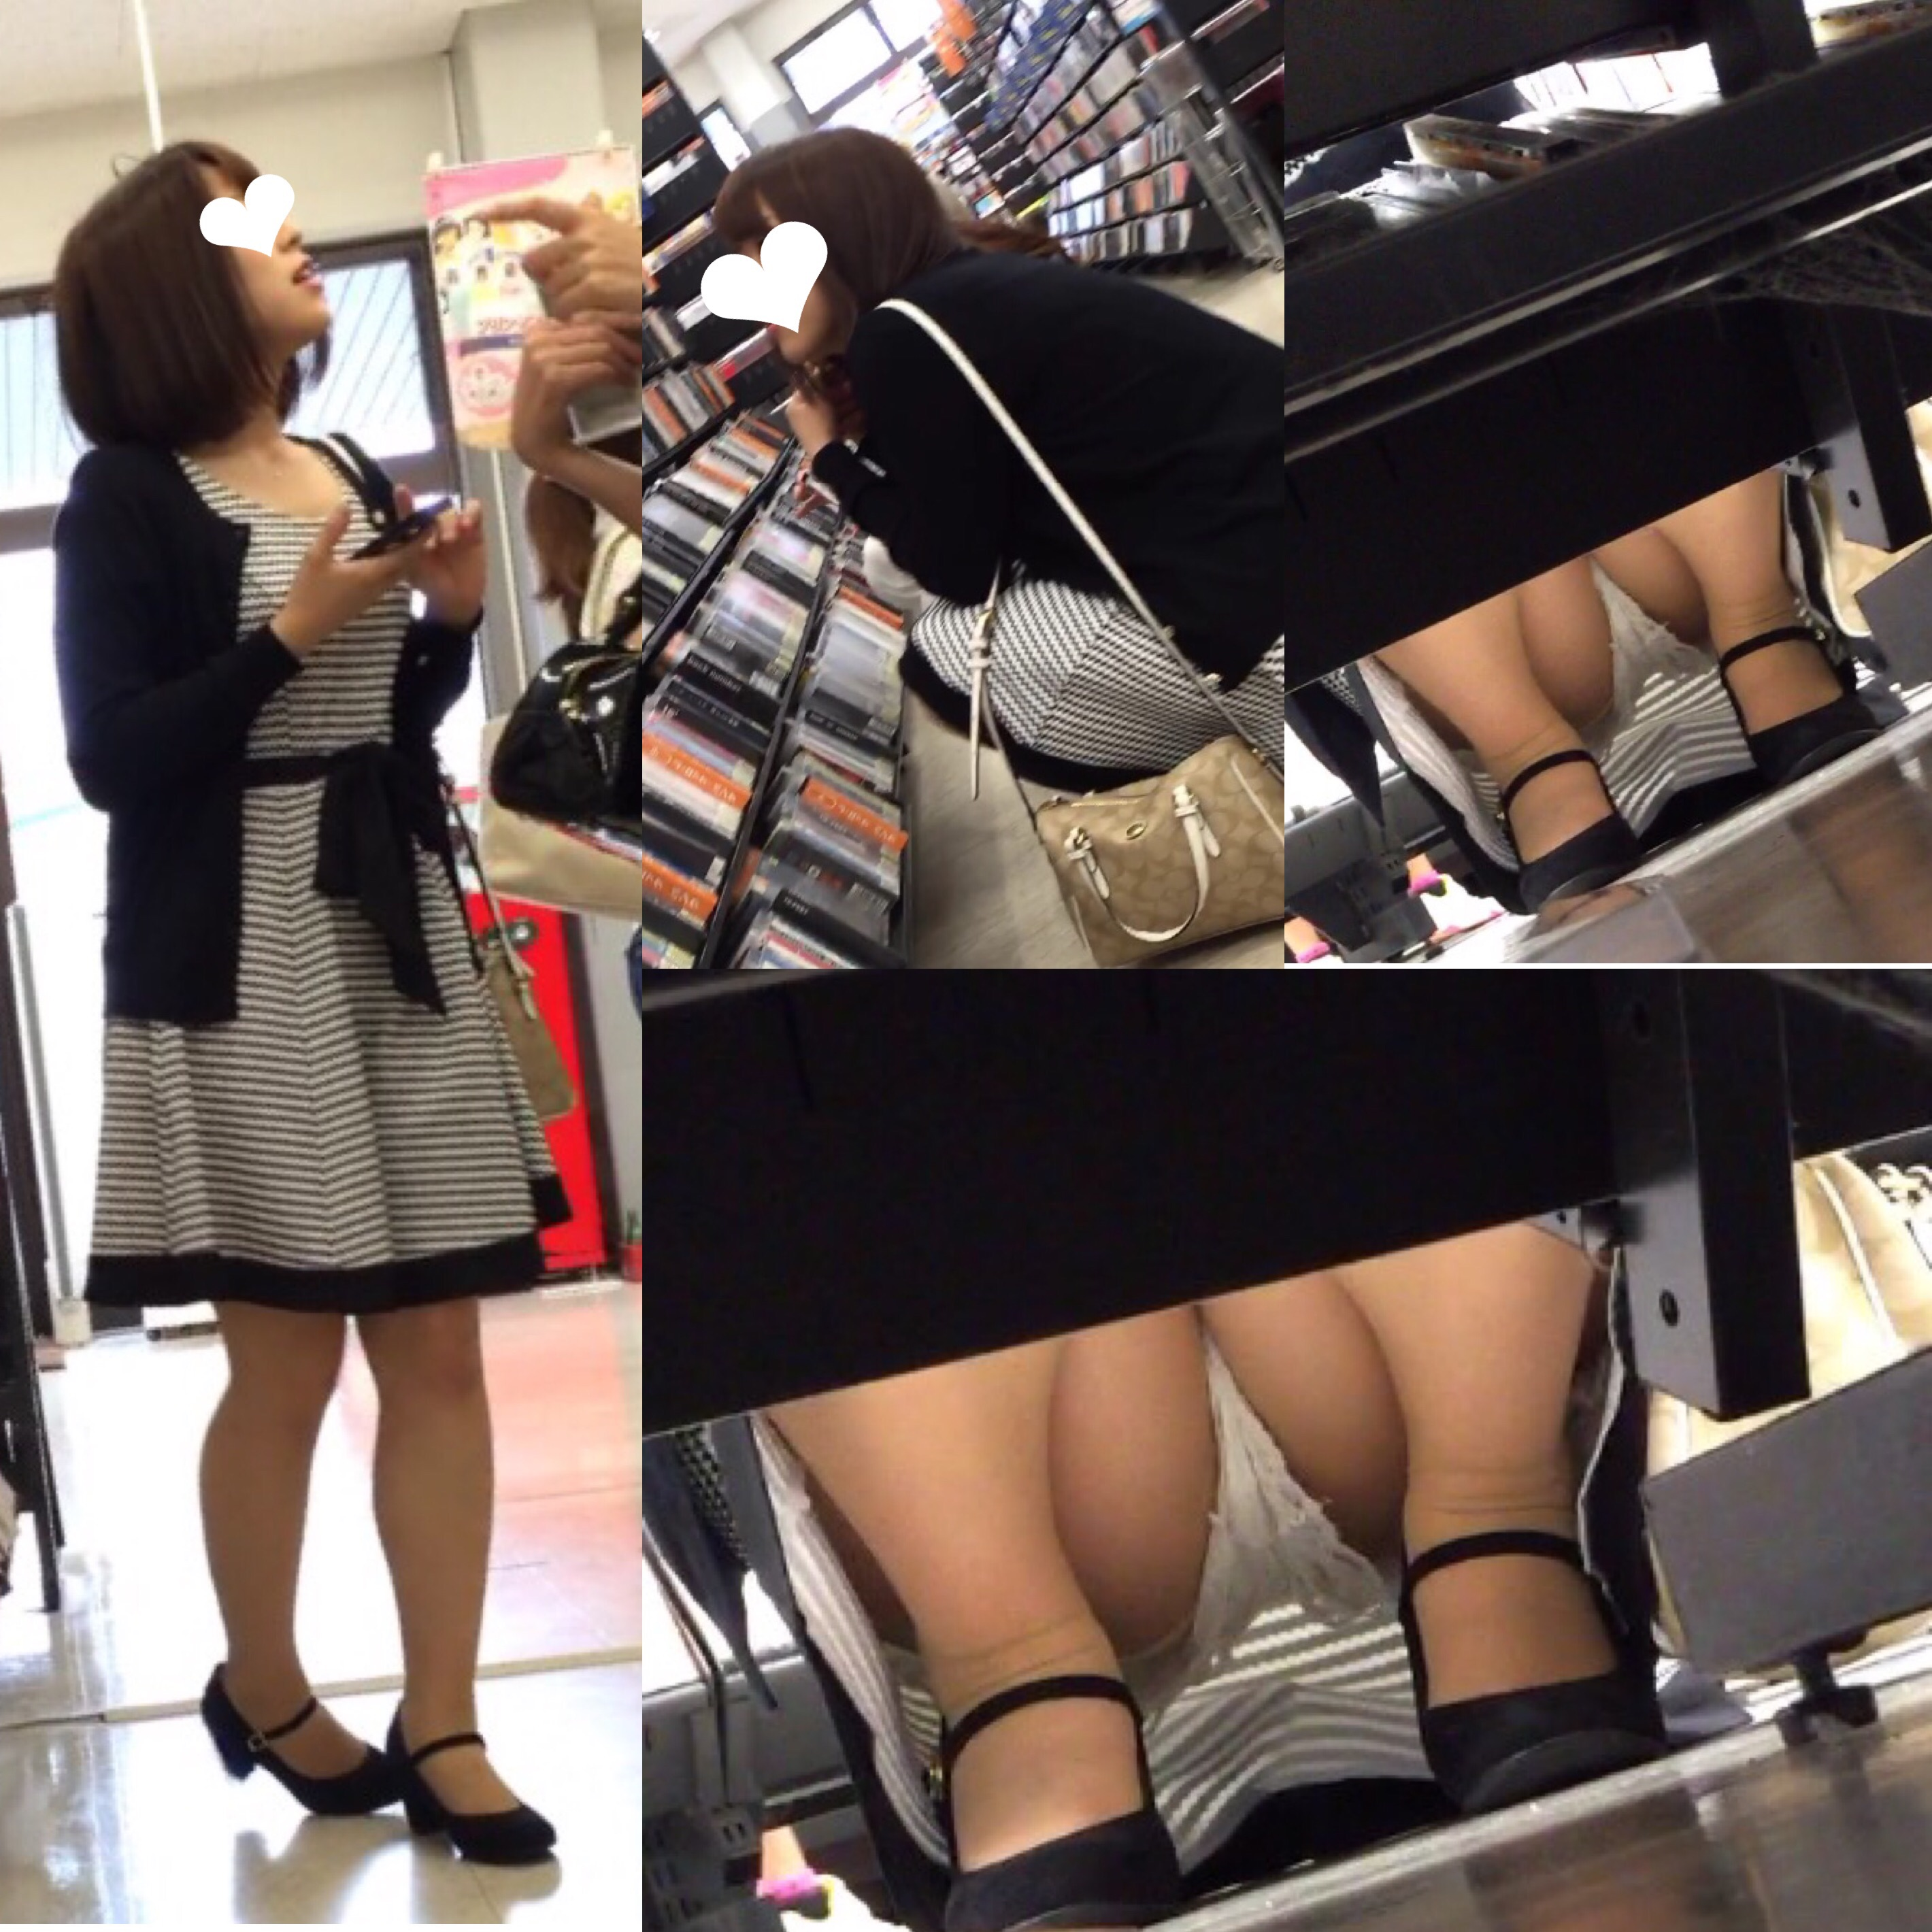 【パンチラエロ画像】棚の下から座るミニスカ女子のパンツを商品そっちのけでガン見www 27